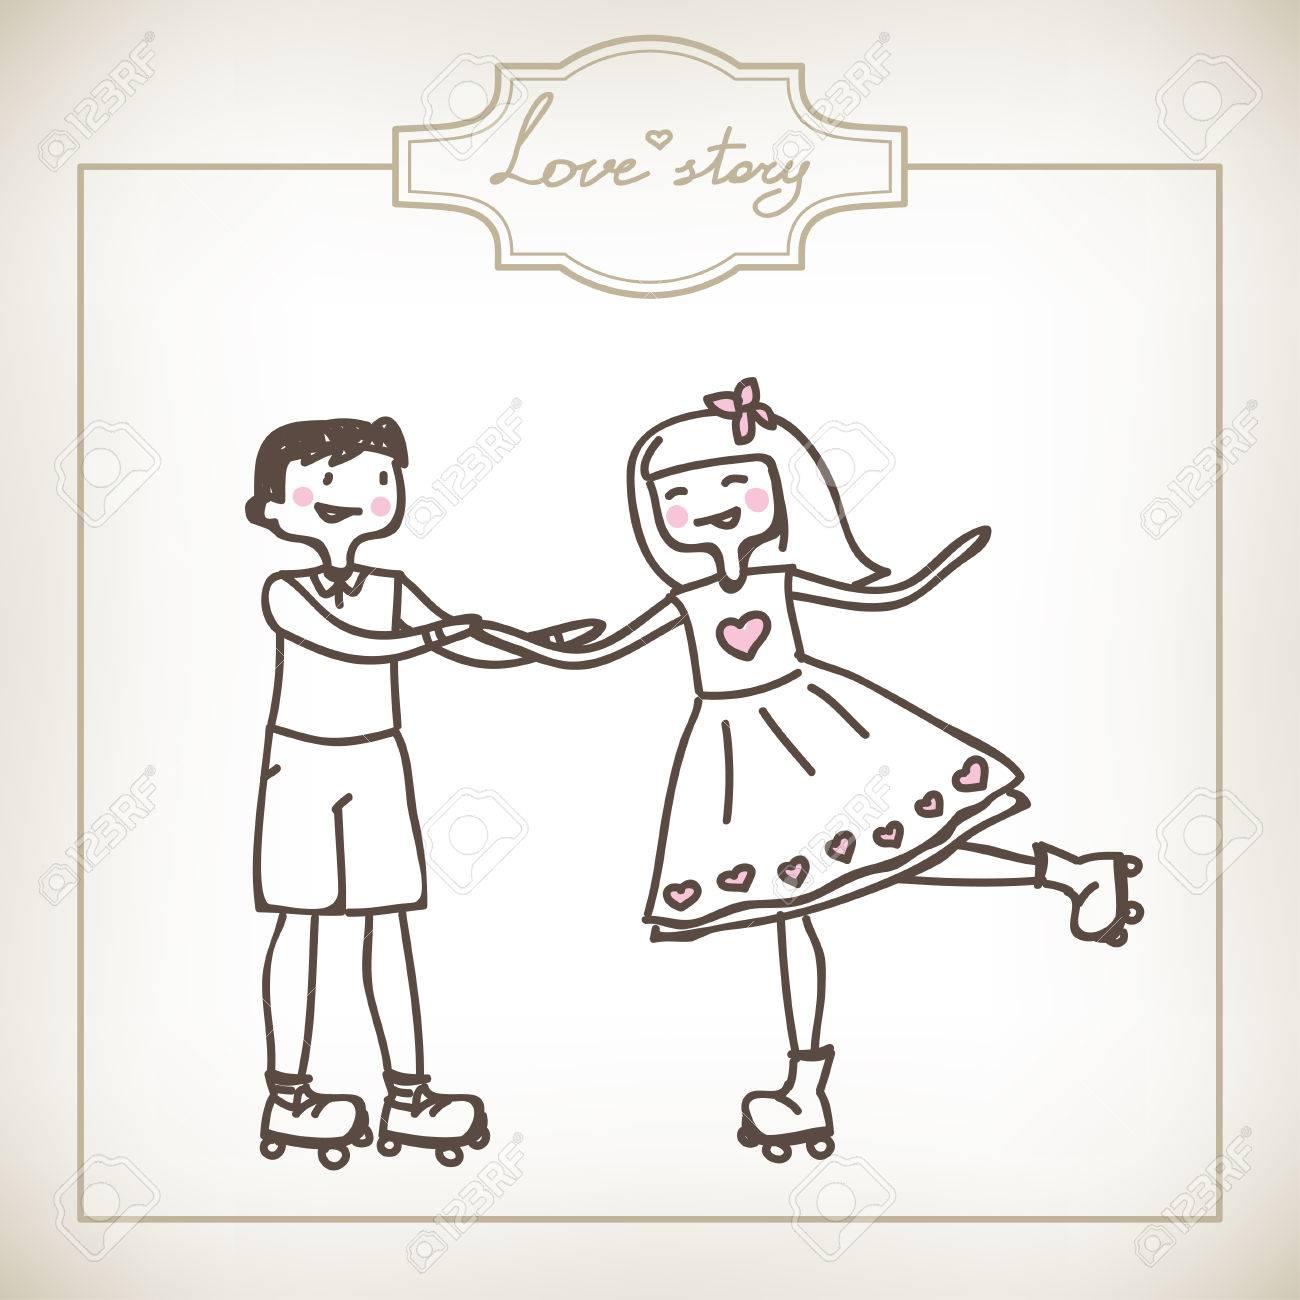 若いカップルの面白い漫画イラスト ロイヤリティフリークリップアート